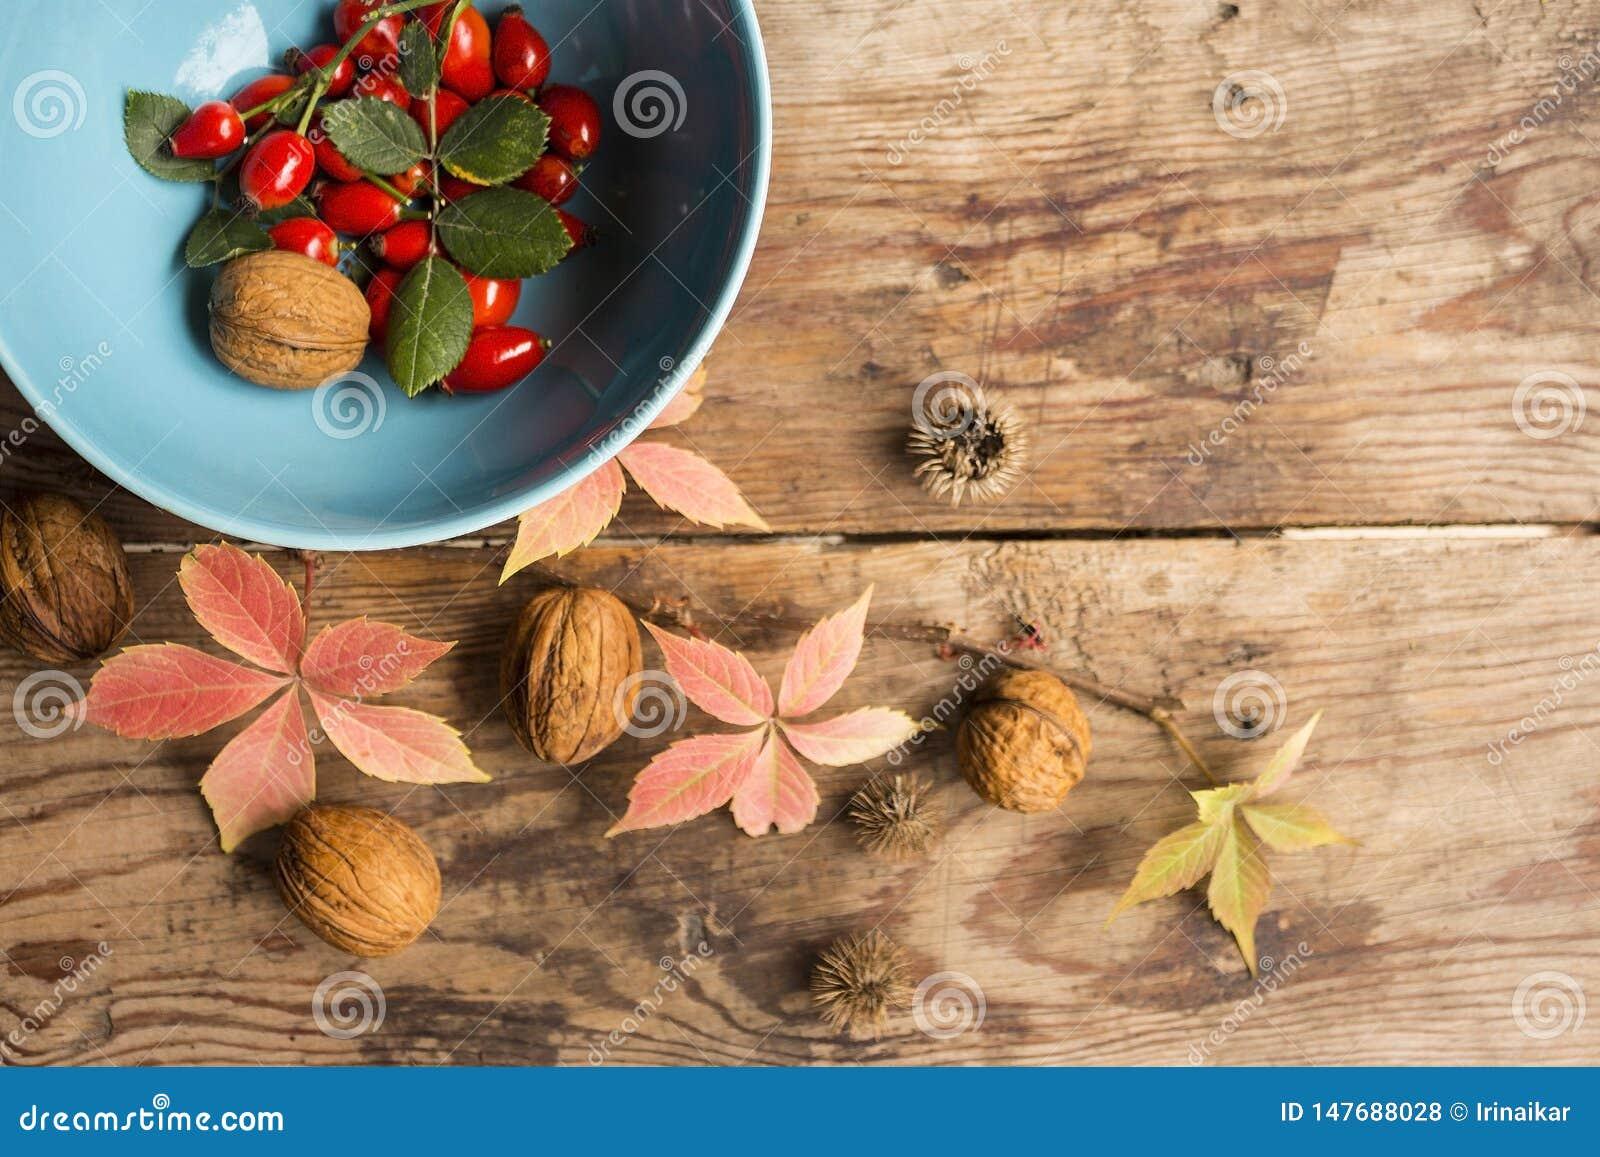 Зрелые красные плоды собак-Роза в голубой чашке с розовыми листьями, гайками на старом деревянном столе